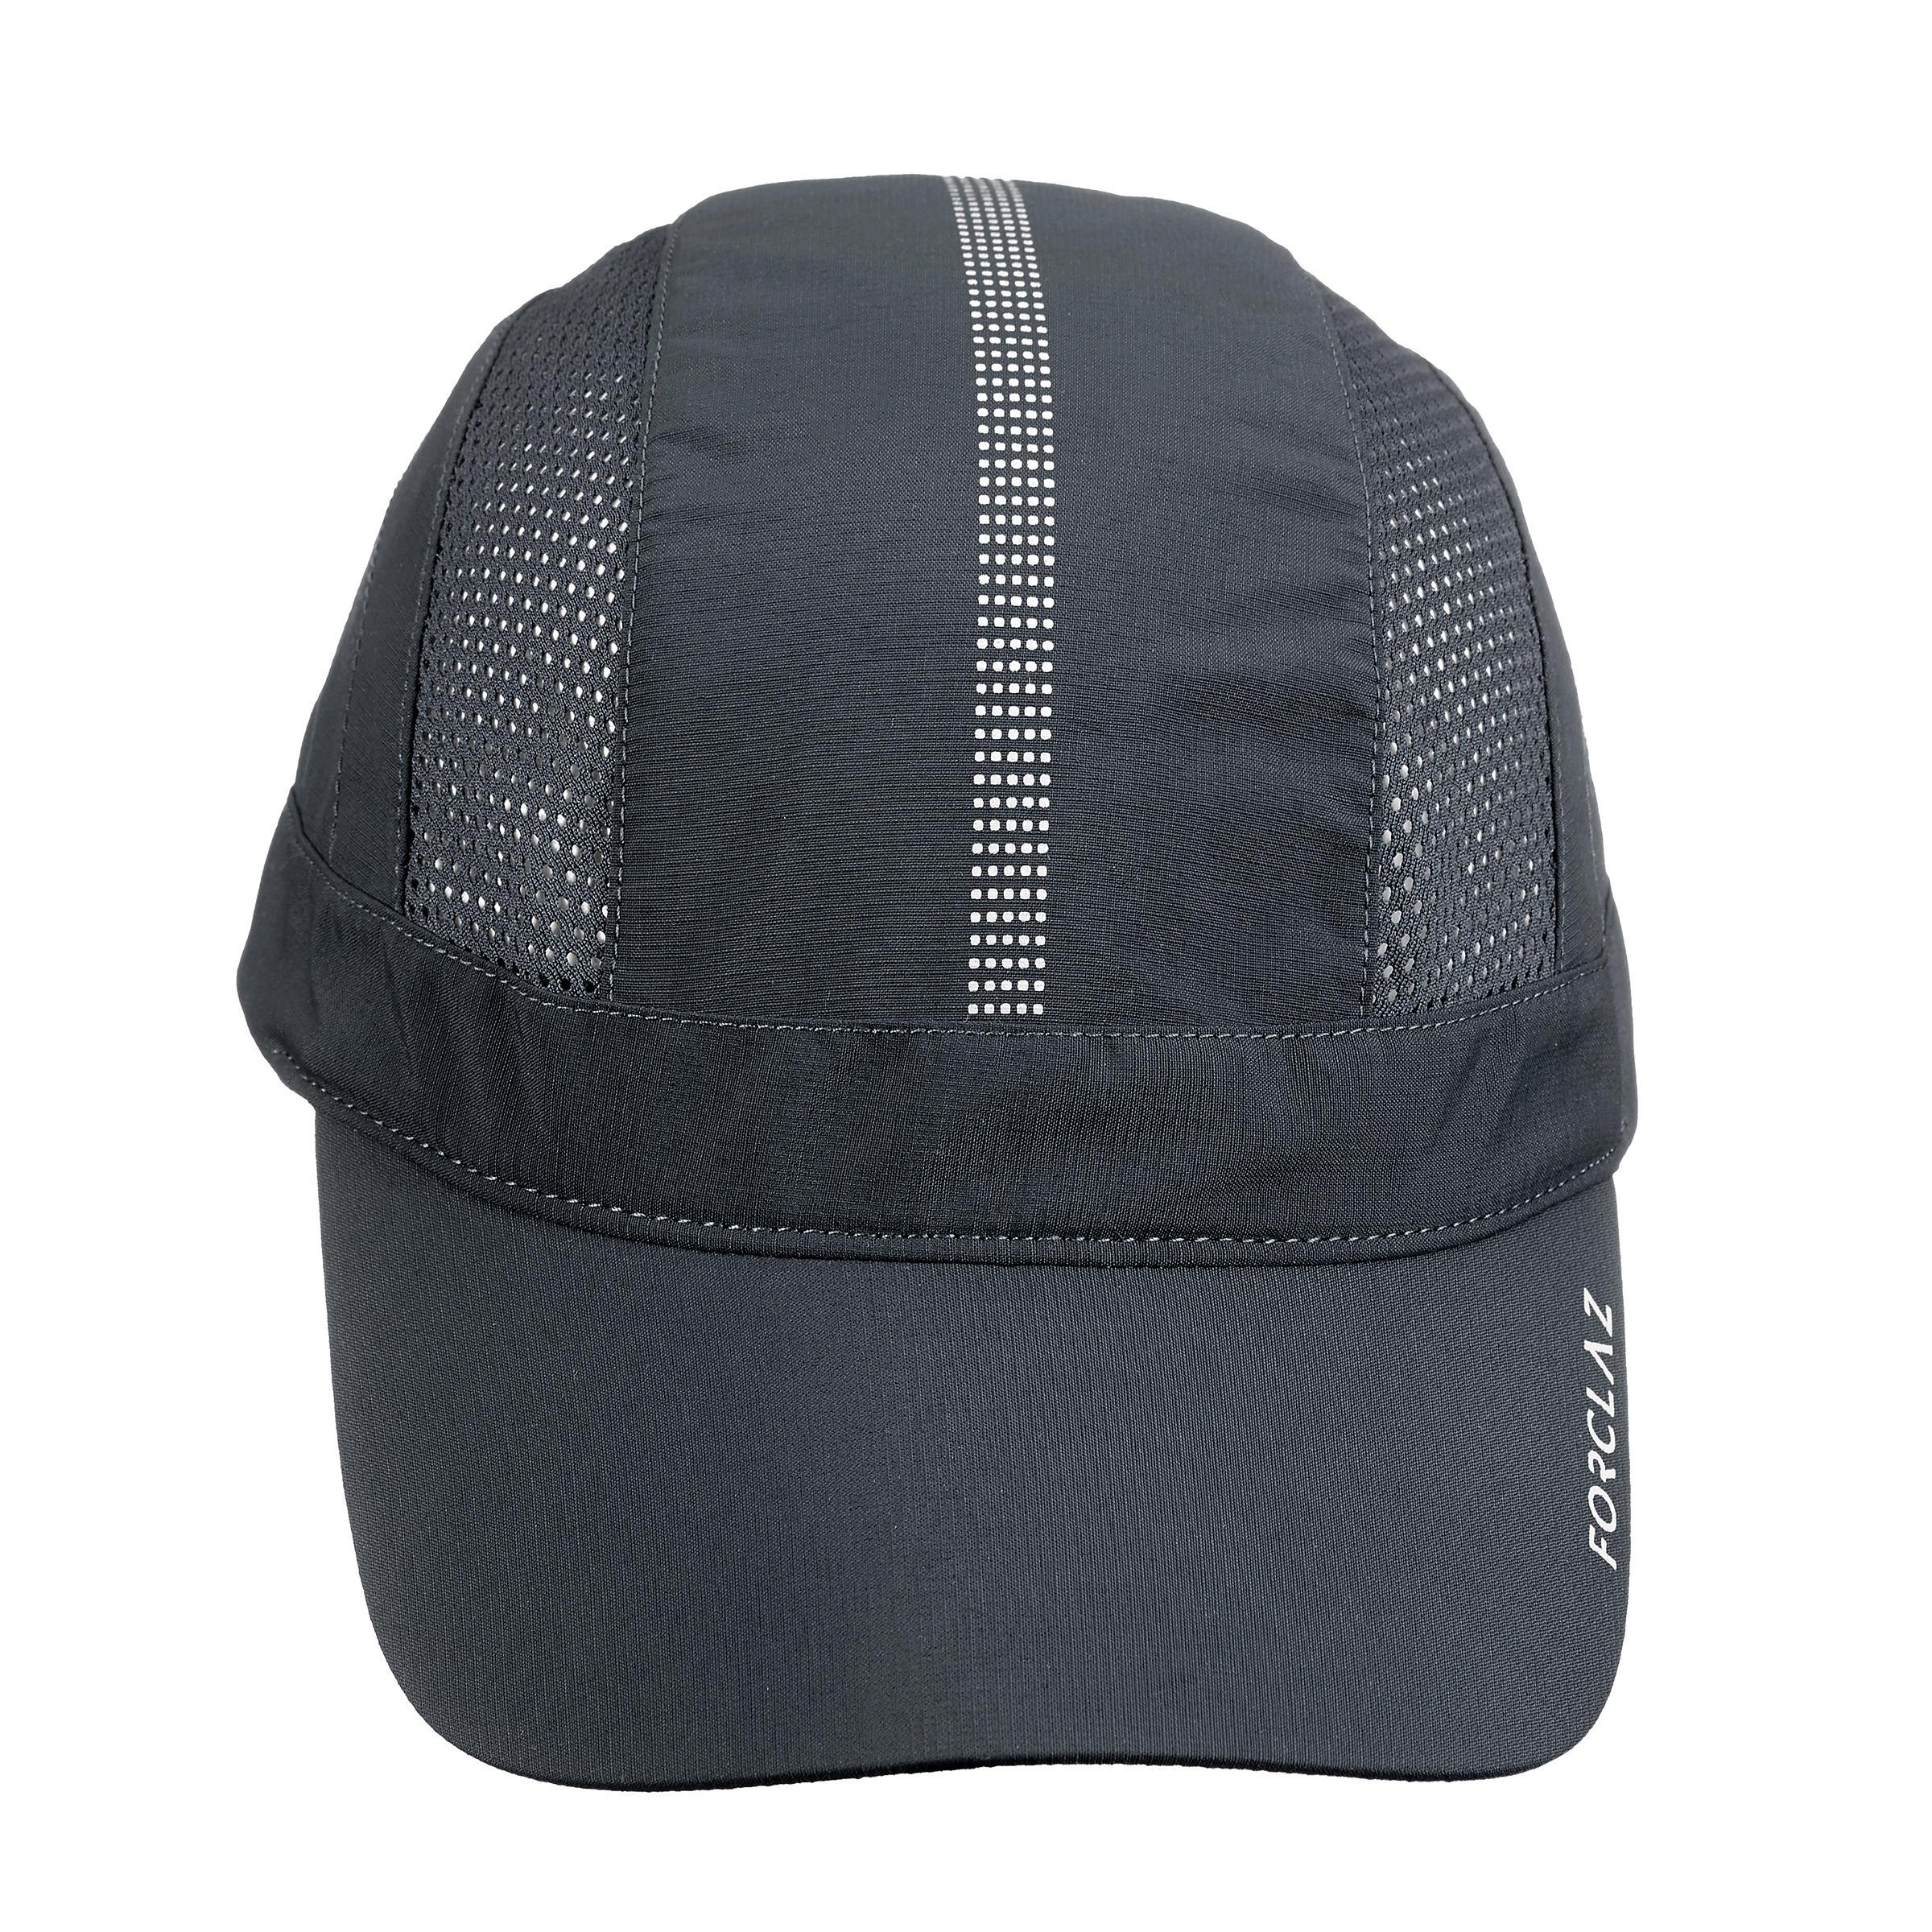 Trek 700 Mountain Trekking Cap - Dark Grey